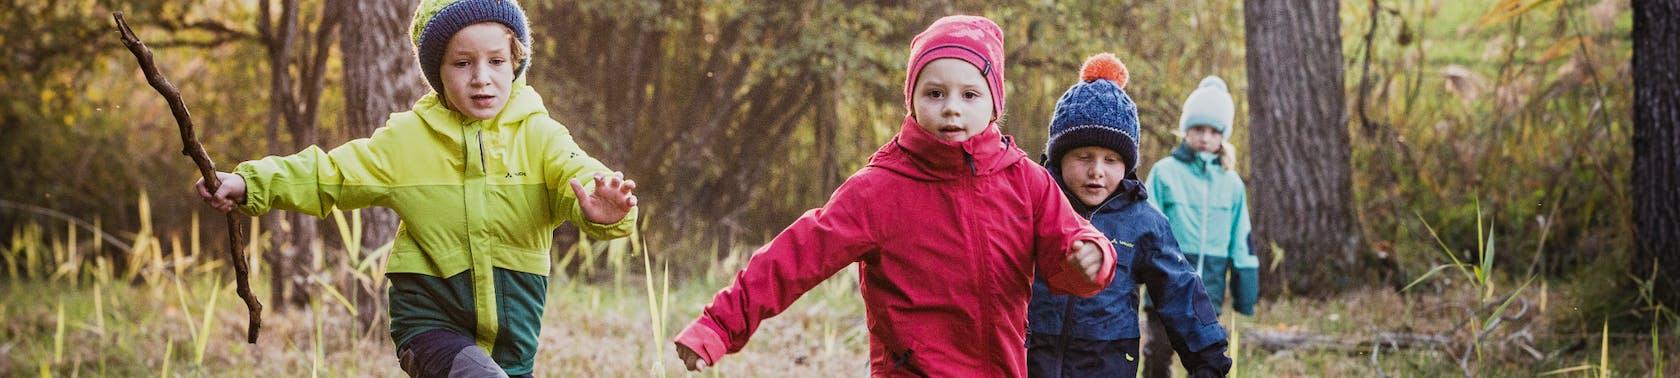 wandern für kids